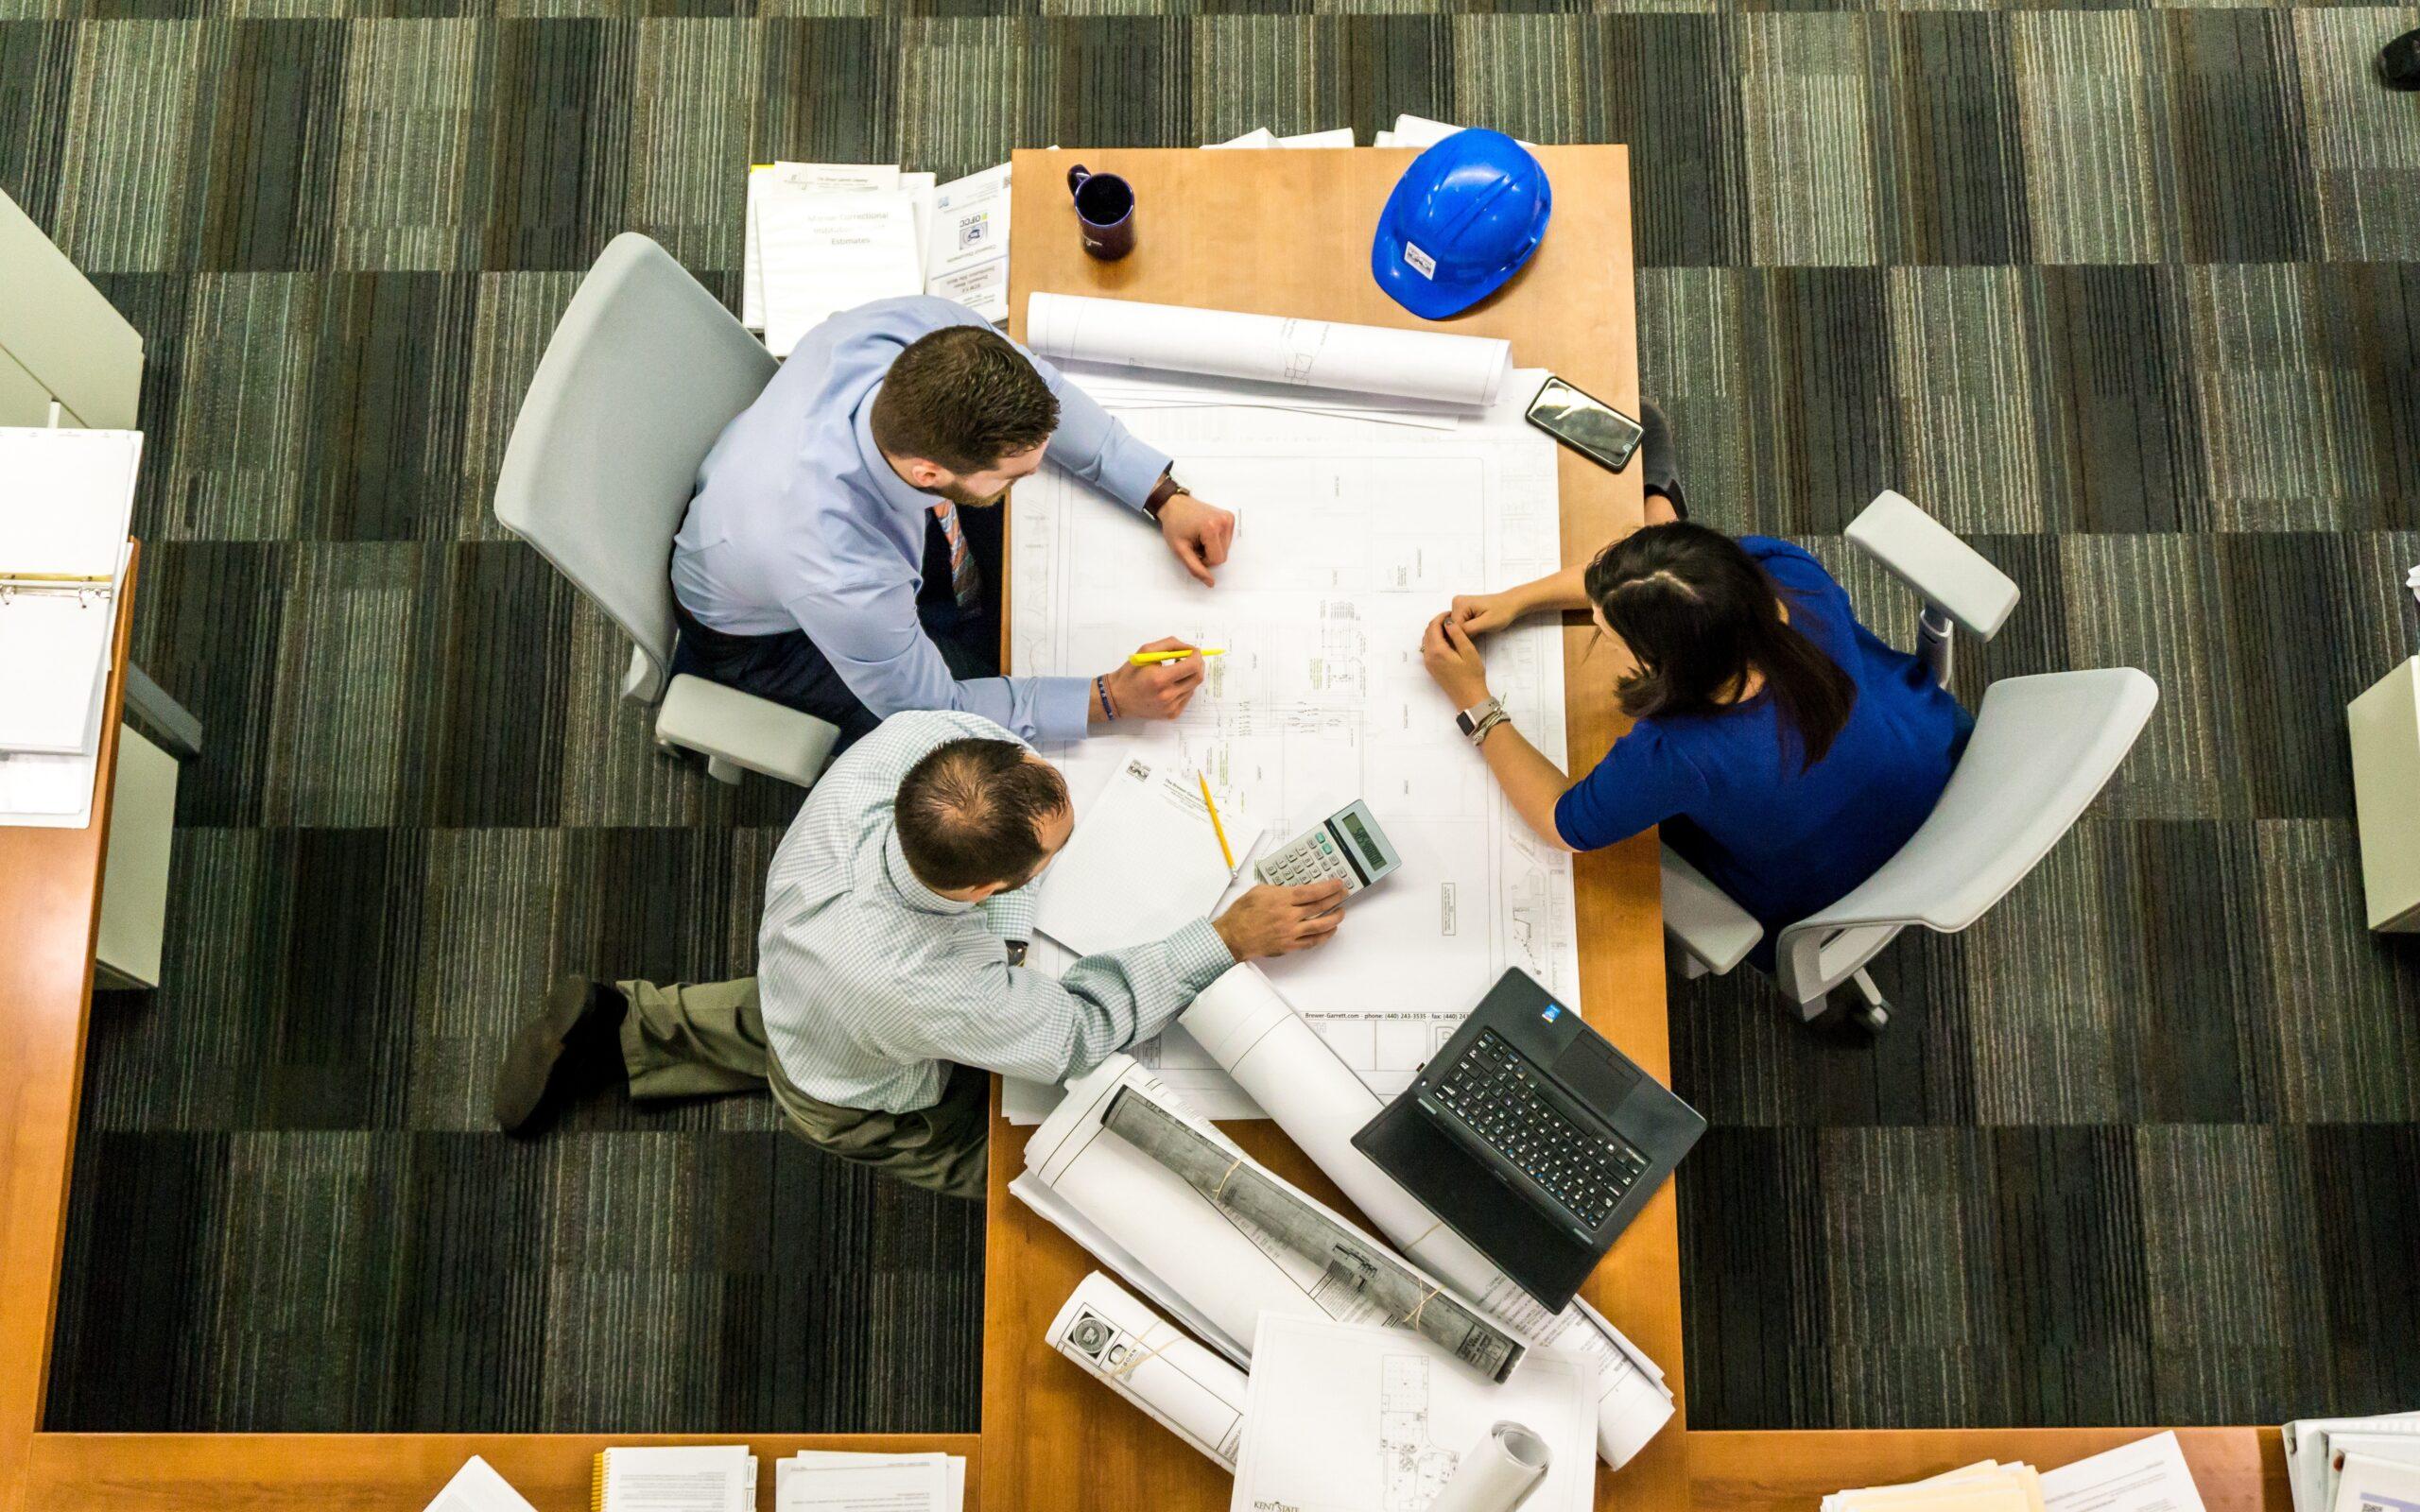 Team sitting around blueprints